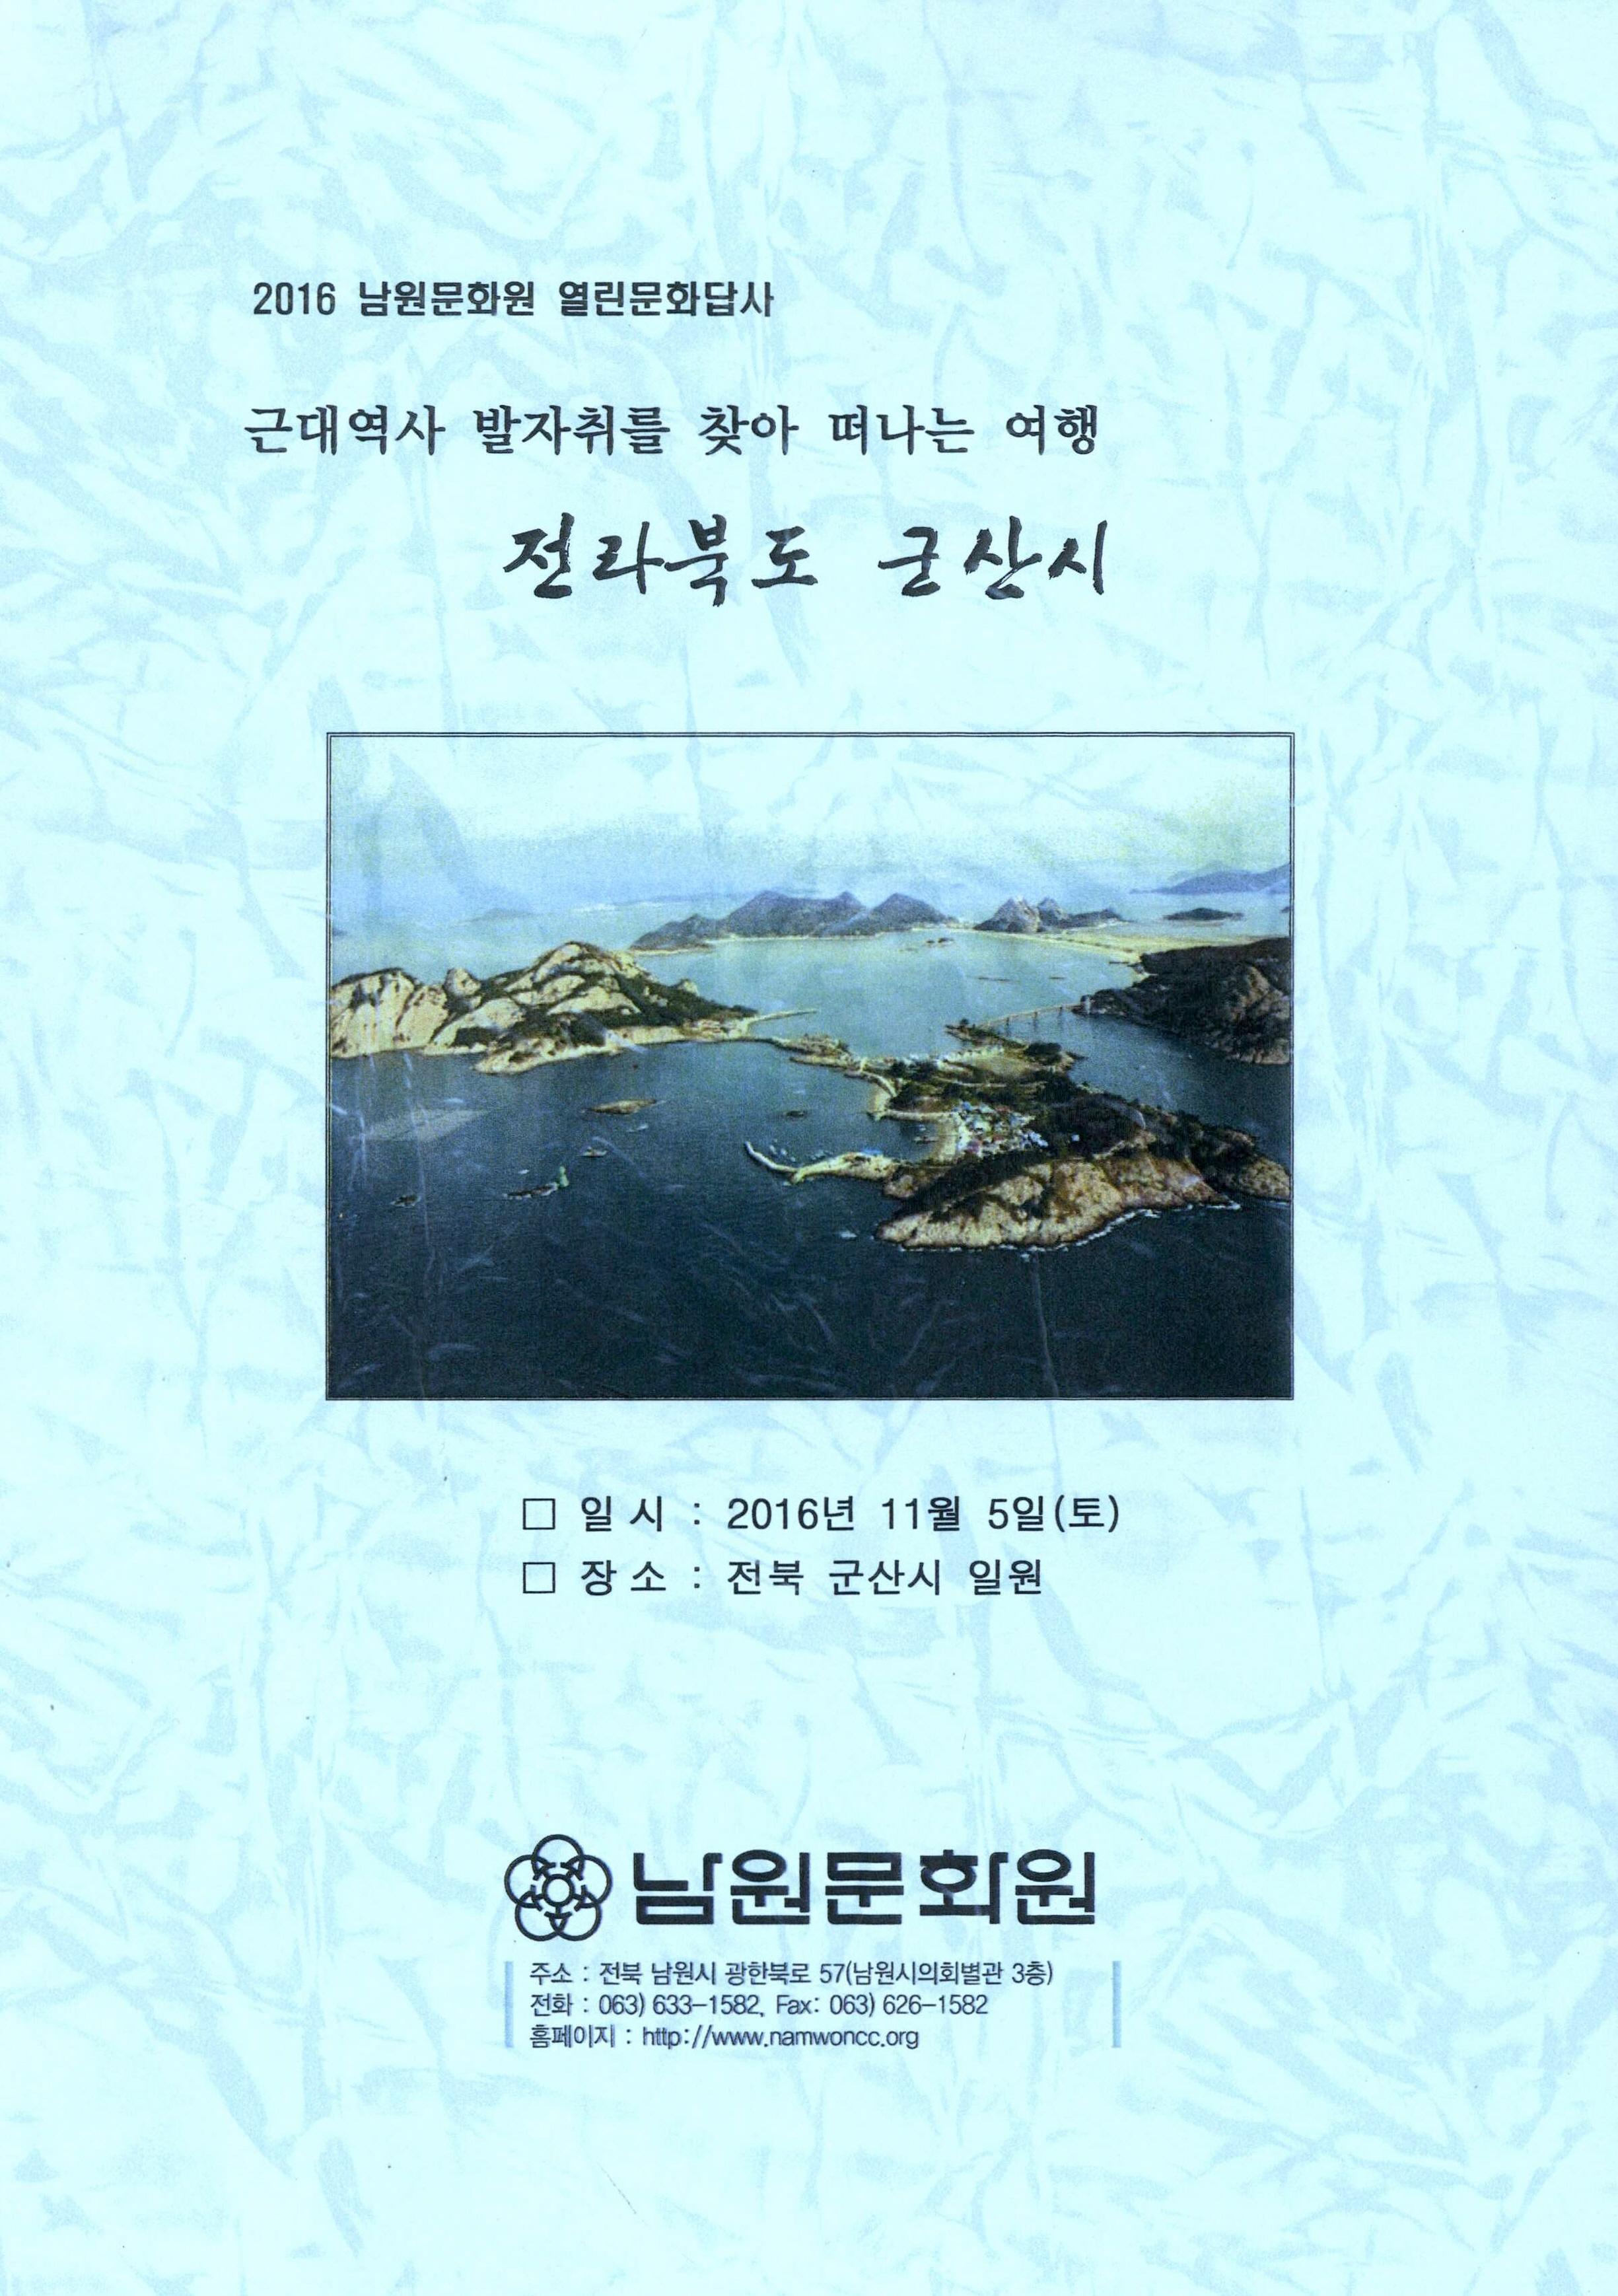 2016 남원문화원 열린문화답사 근대역사 발자취를 찾아 떠나는 여행 전라북도 군산시